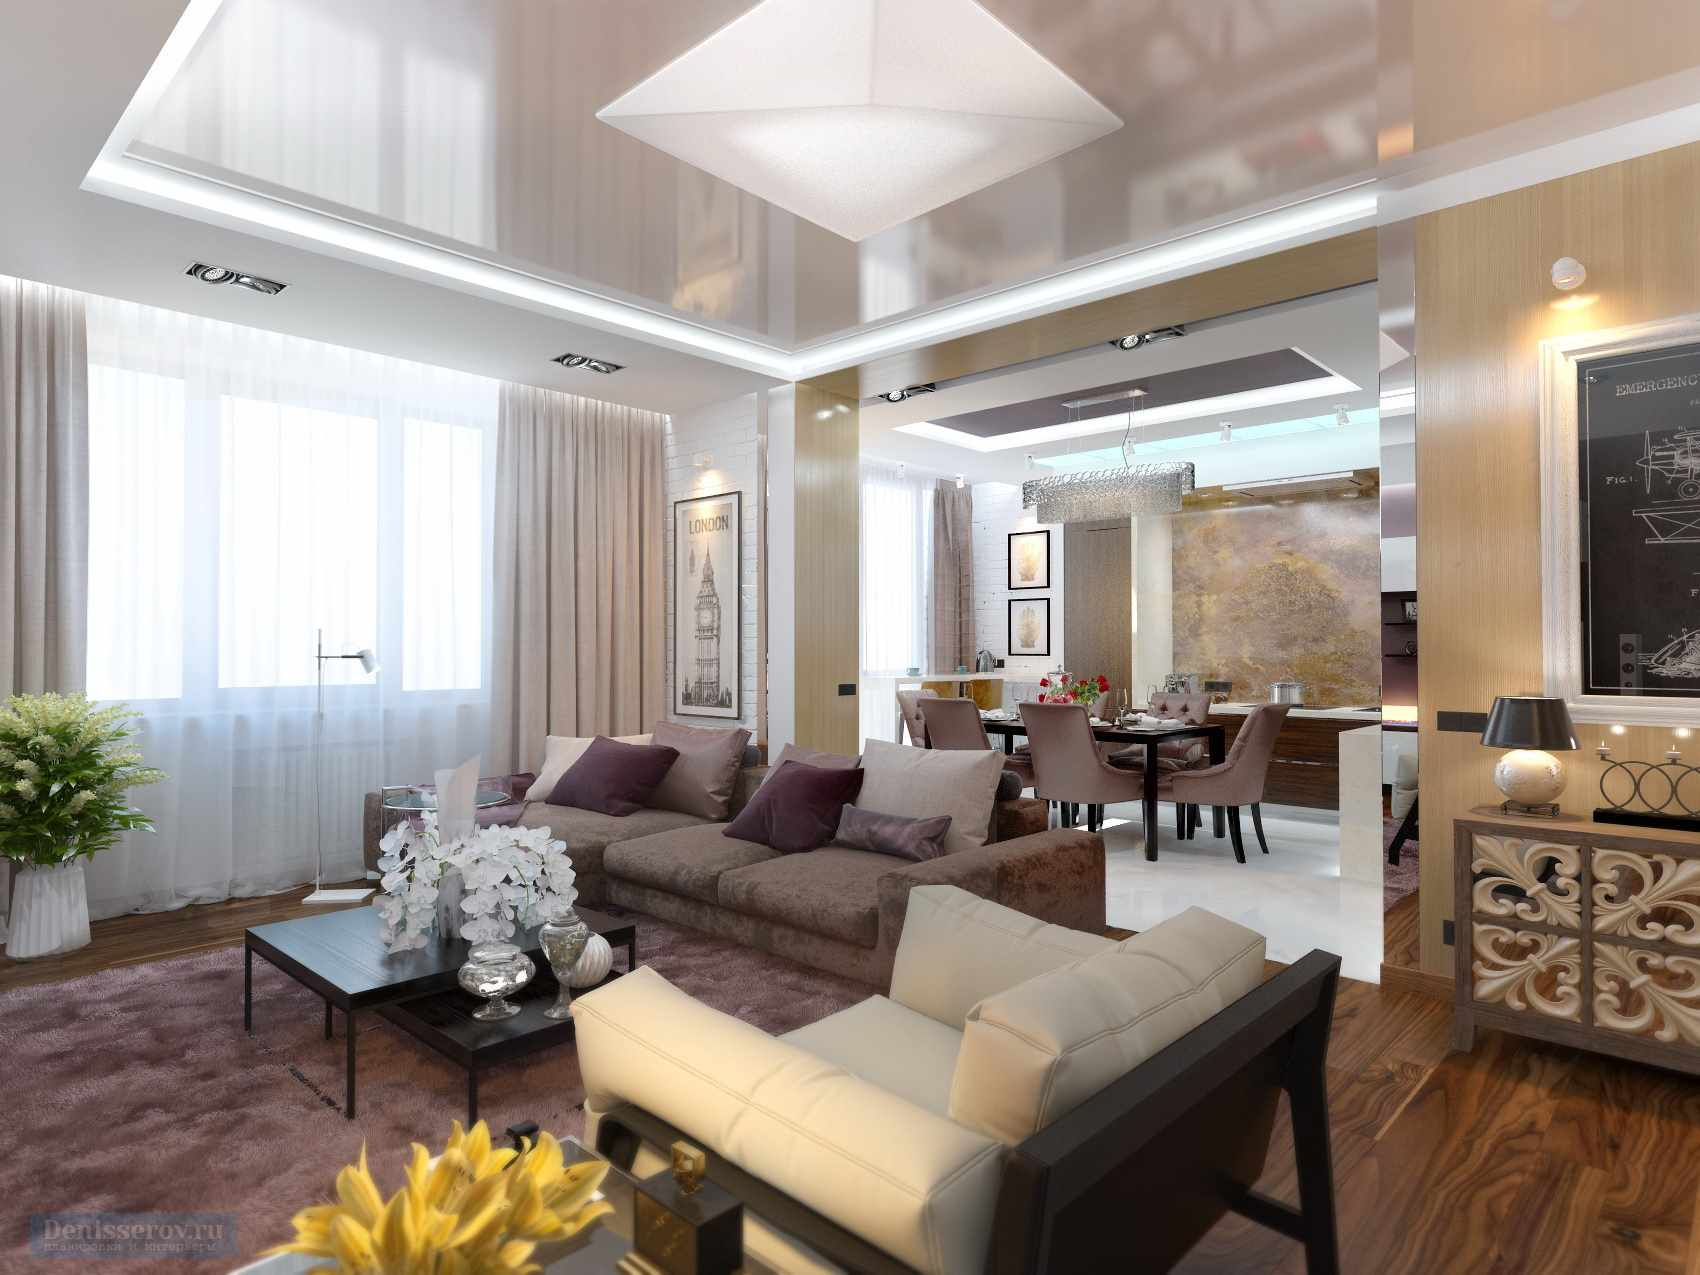 variante d'un intérieur lumineux d'un séjour de 25 m²